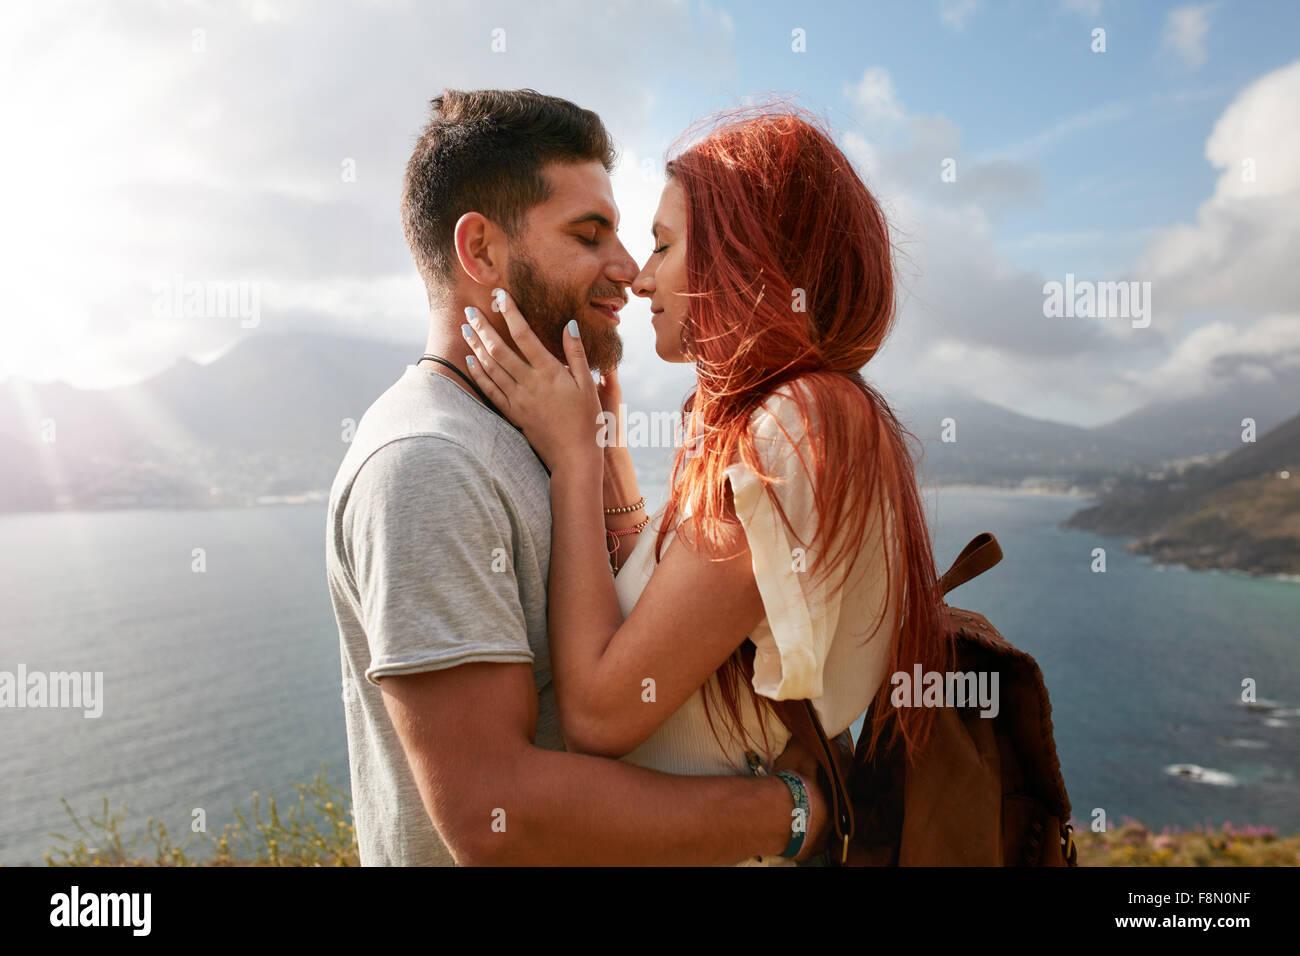 Ritratto di giovane uomo e donna circa per condividere un romantico bacio. Affettuosa coppia giovane godendo il Immagini Stock